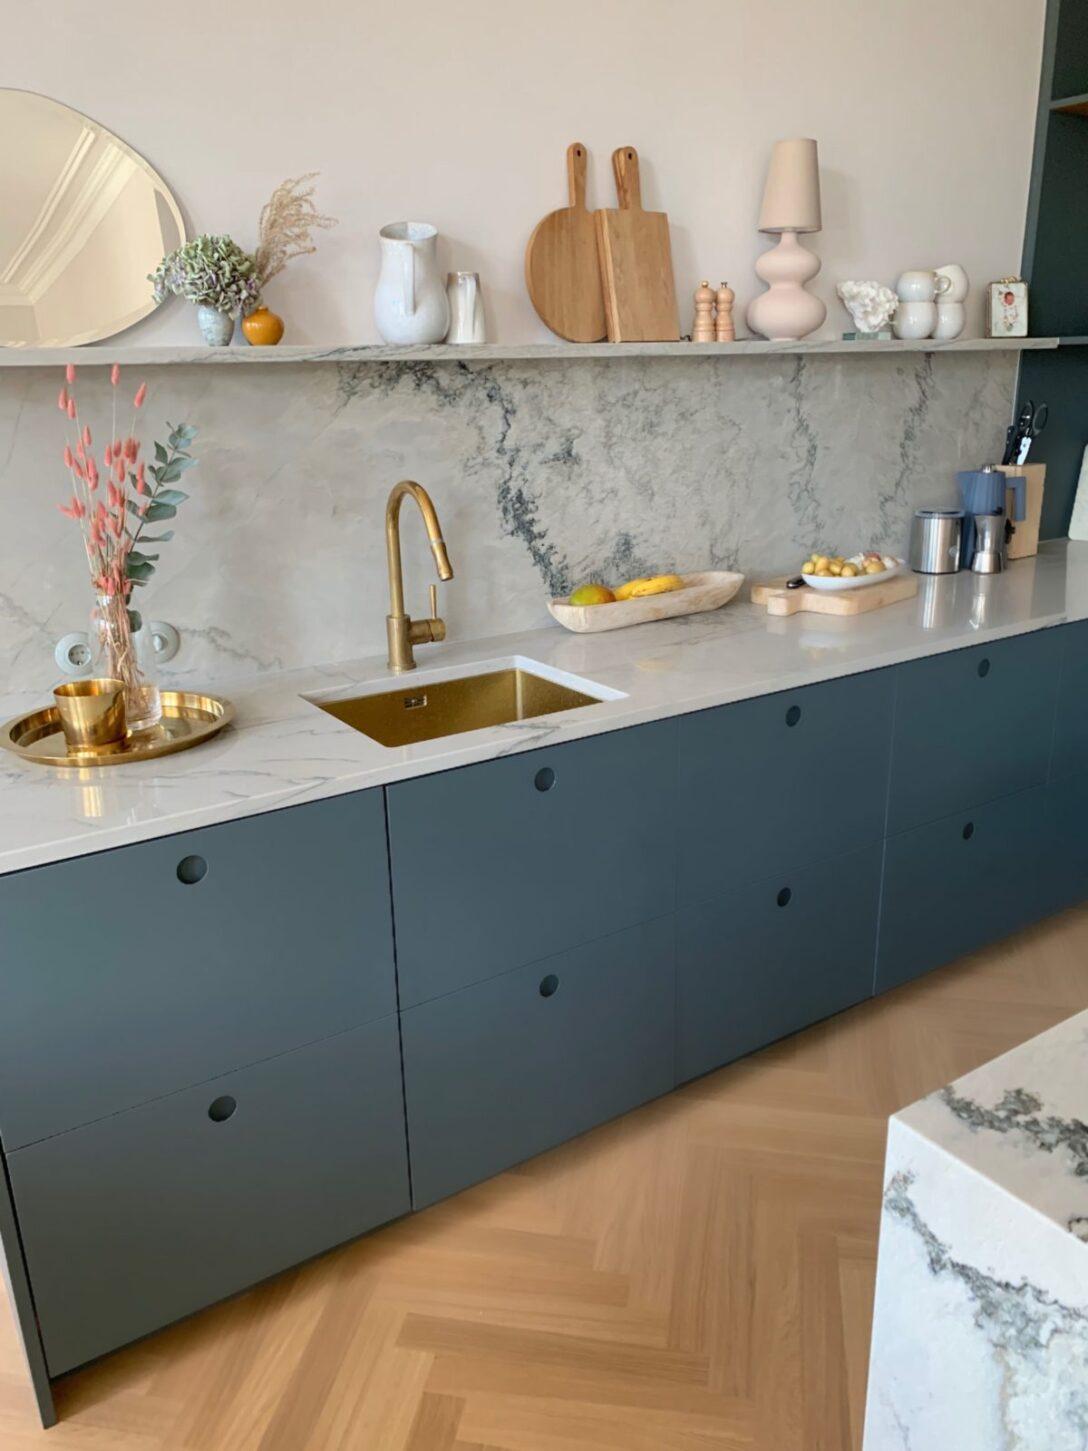 Large Size of Ikea Küchenzeile Wohnungskolumne Meine Kitchen Story So Planten Wir Unsere Miniküche Küche Kosten Sofa Mit Schlaffunktion Kaufen Betten Bei 160x200 Wohnzimmer Ikea Küchenzeile